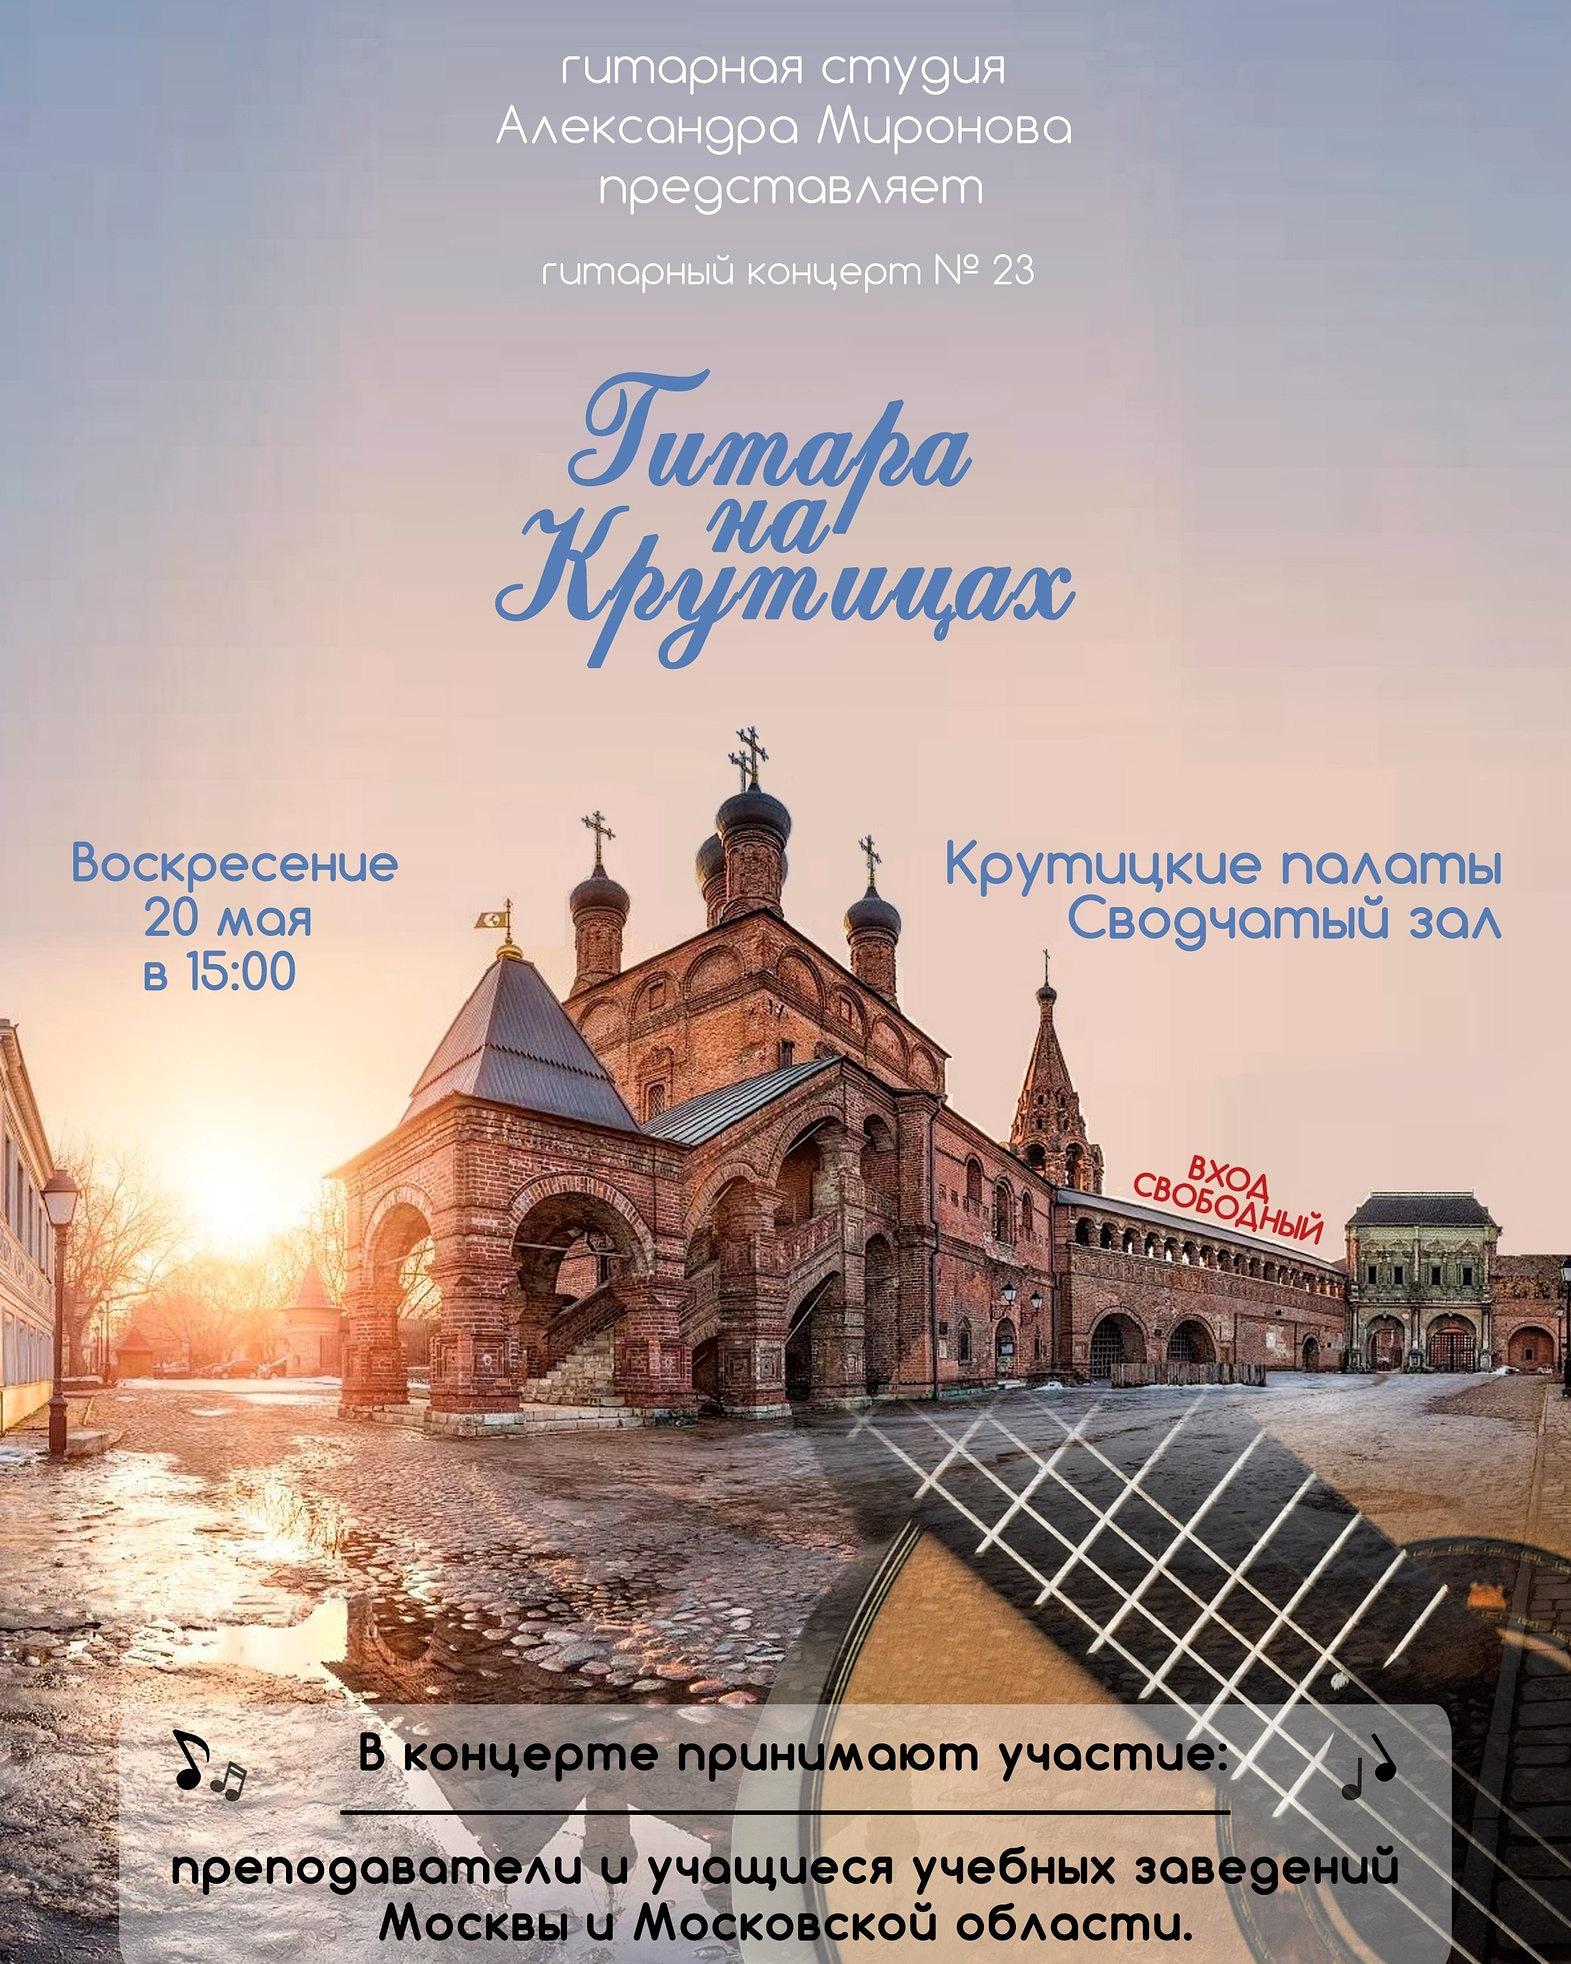 20 мая в 15:00 на Крутицком Патриаршем состоится гитарный концерт